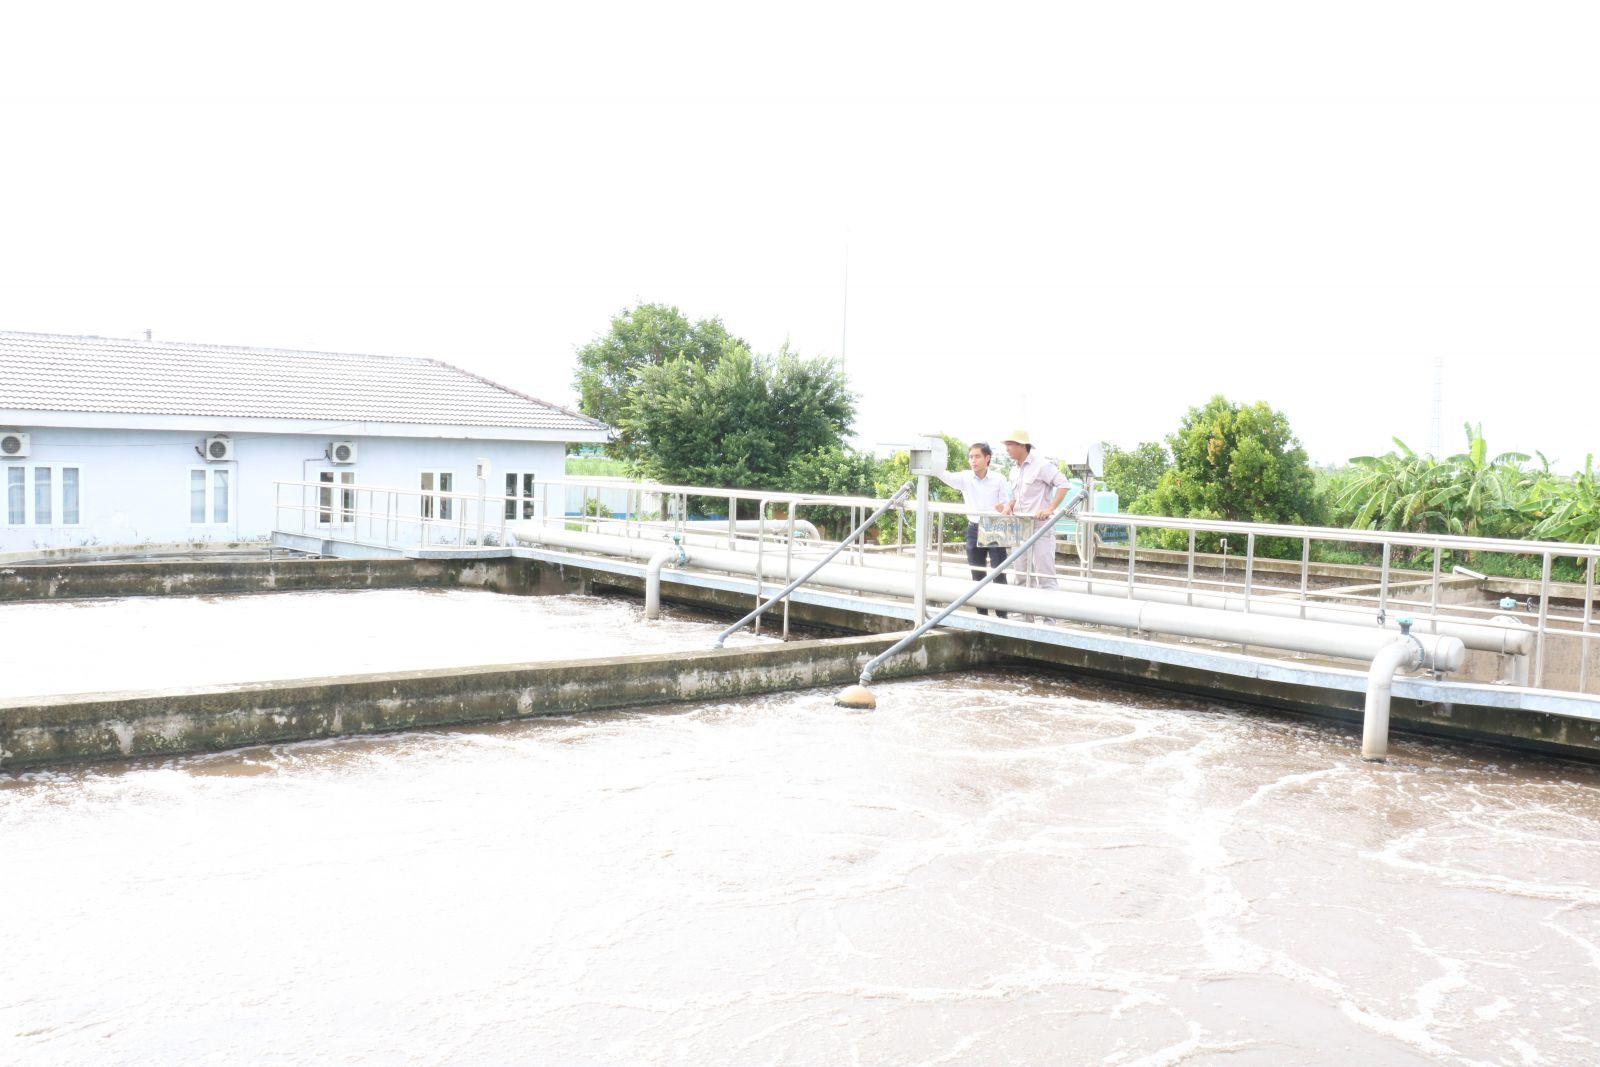 Long An tổ chức triển khai thực hiện có hiệu quả Đề án bảo vệ môi trường lưu vực hệ thống sông Đồng Nai (Ảnh: Các đơn vị phải bảo đảm xây dựng hệ thống xử lý nước thải trước khi dự án đi vào hoạt động)